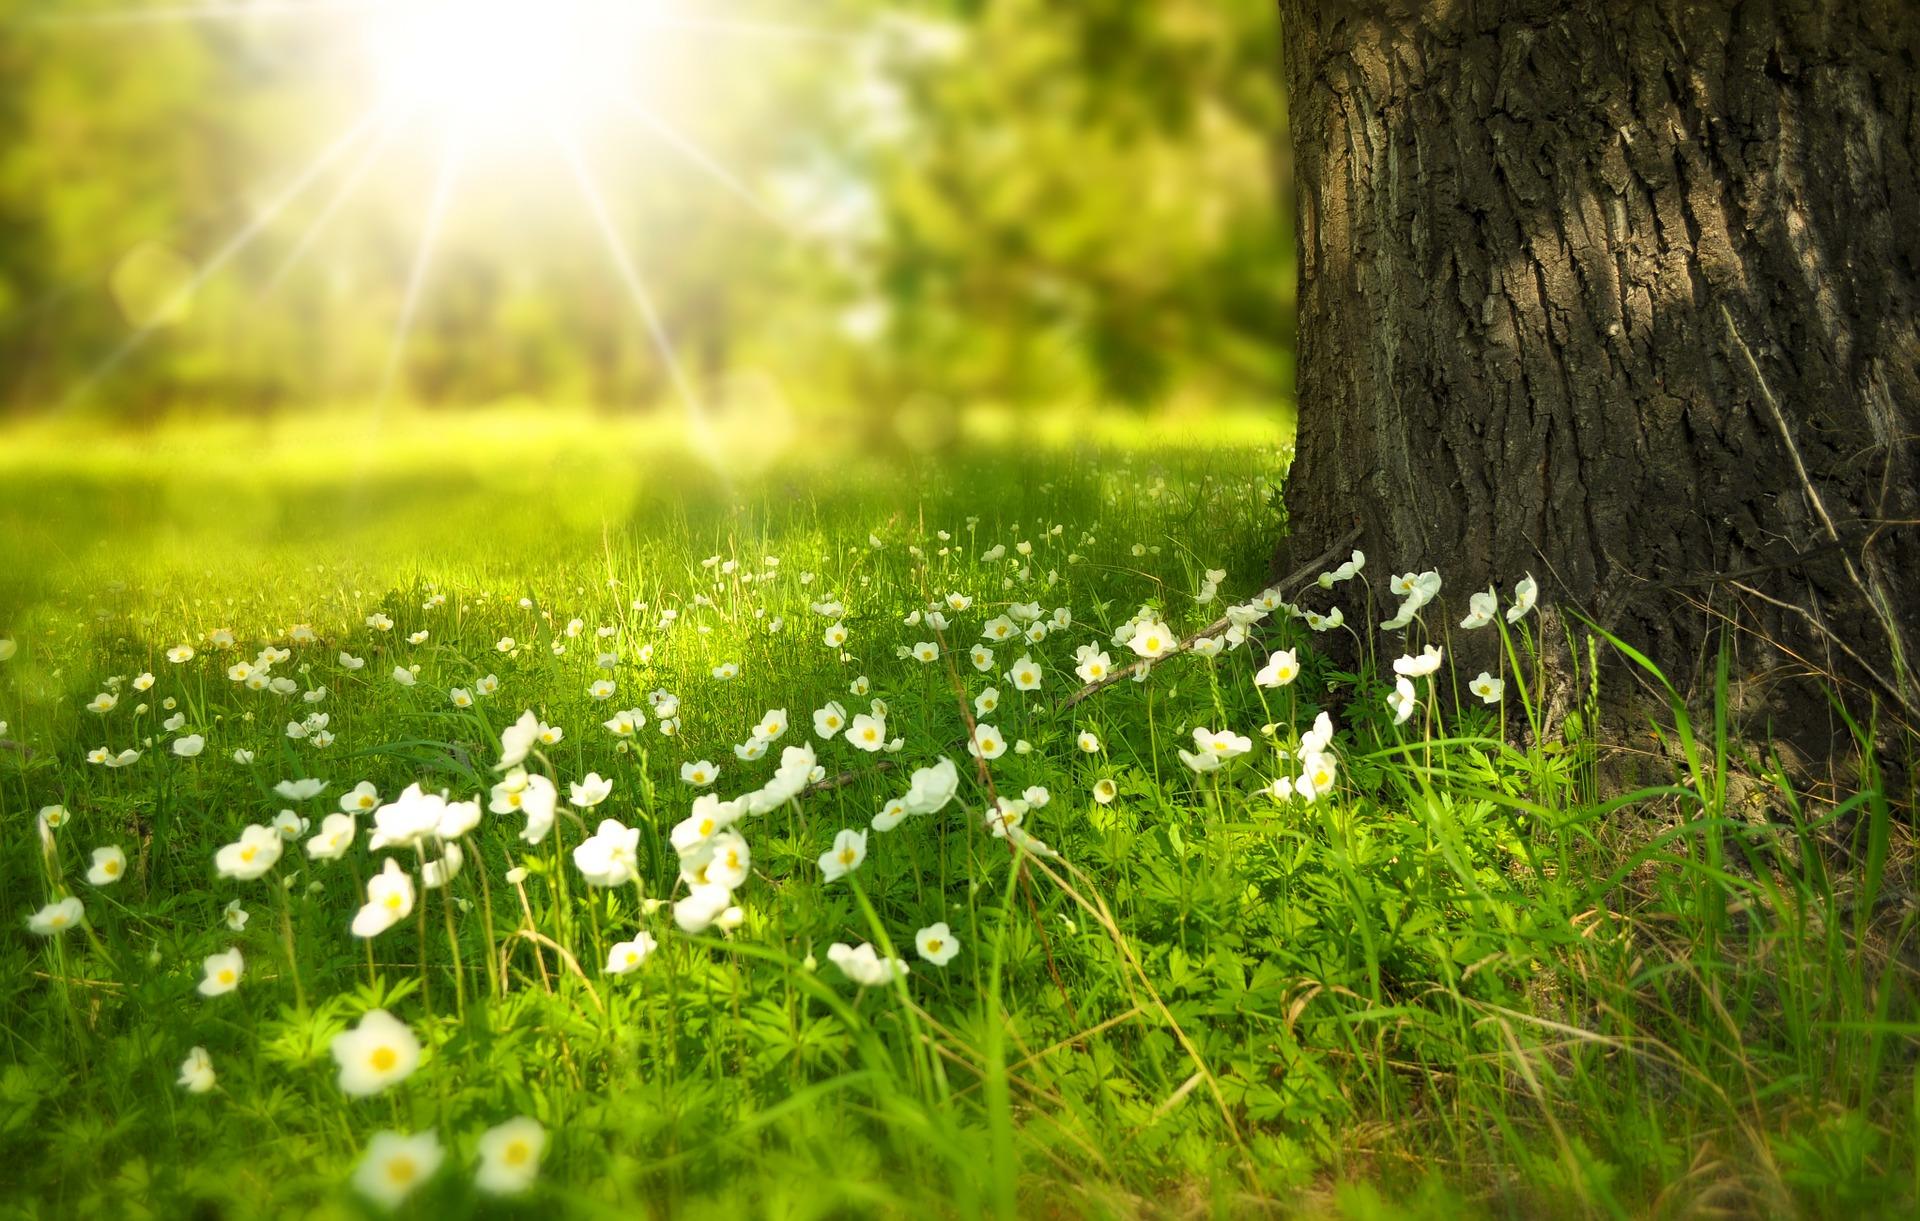 Chroniques anglaises #44 : Fin de printemps